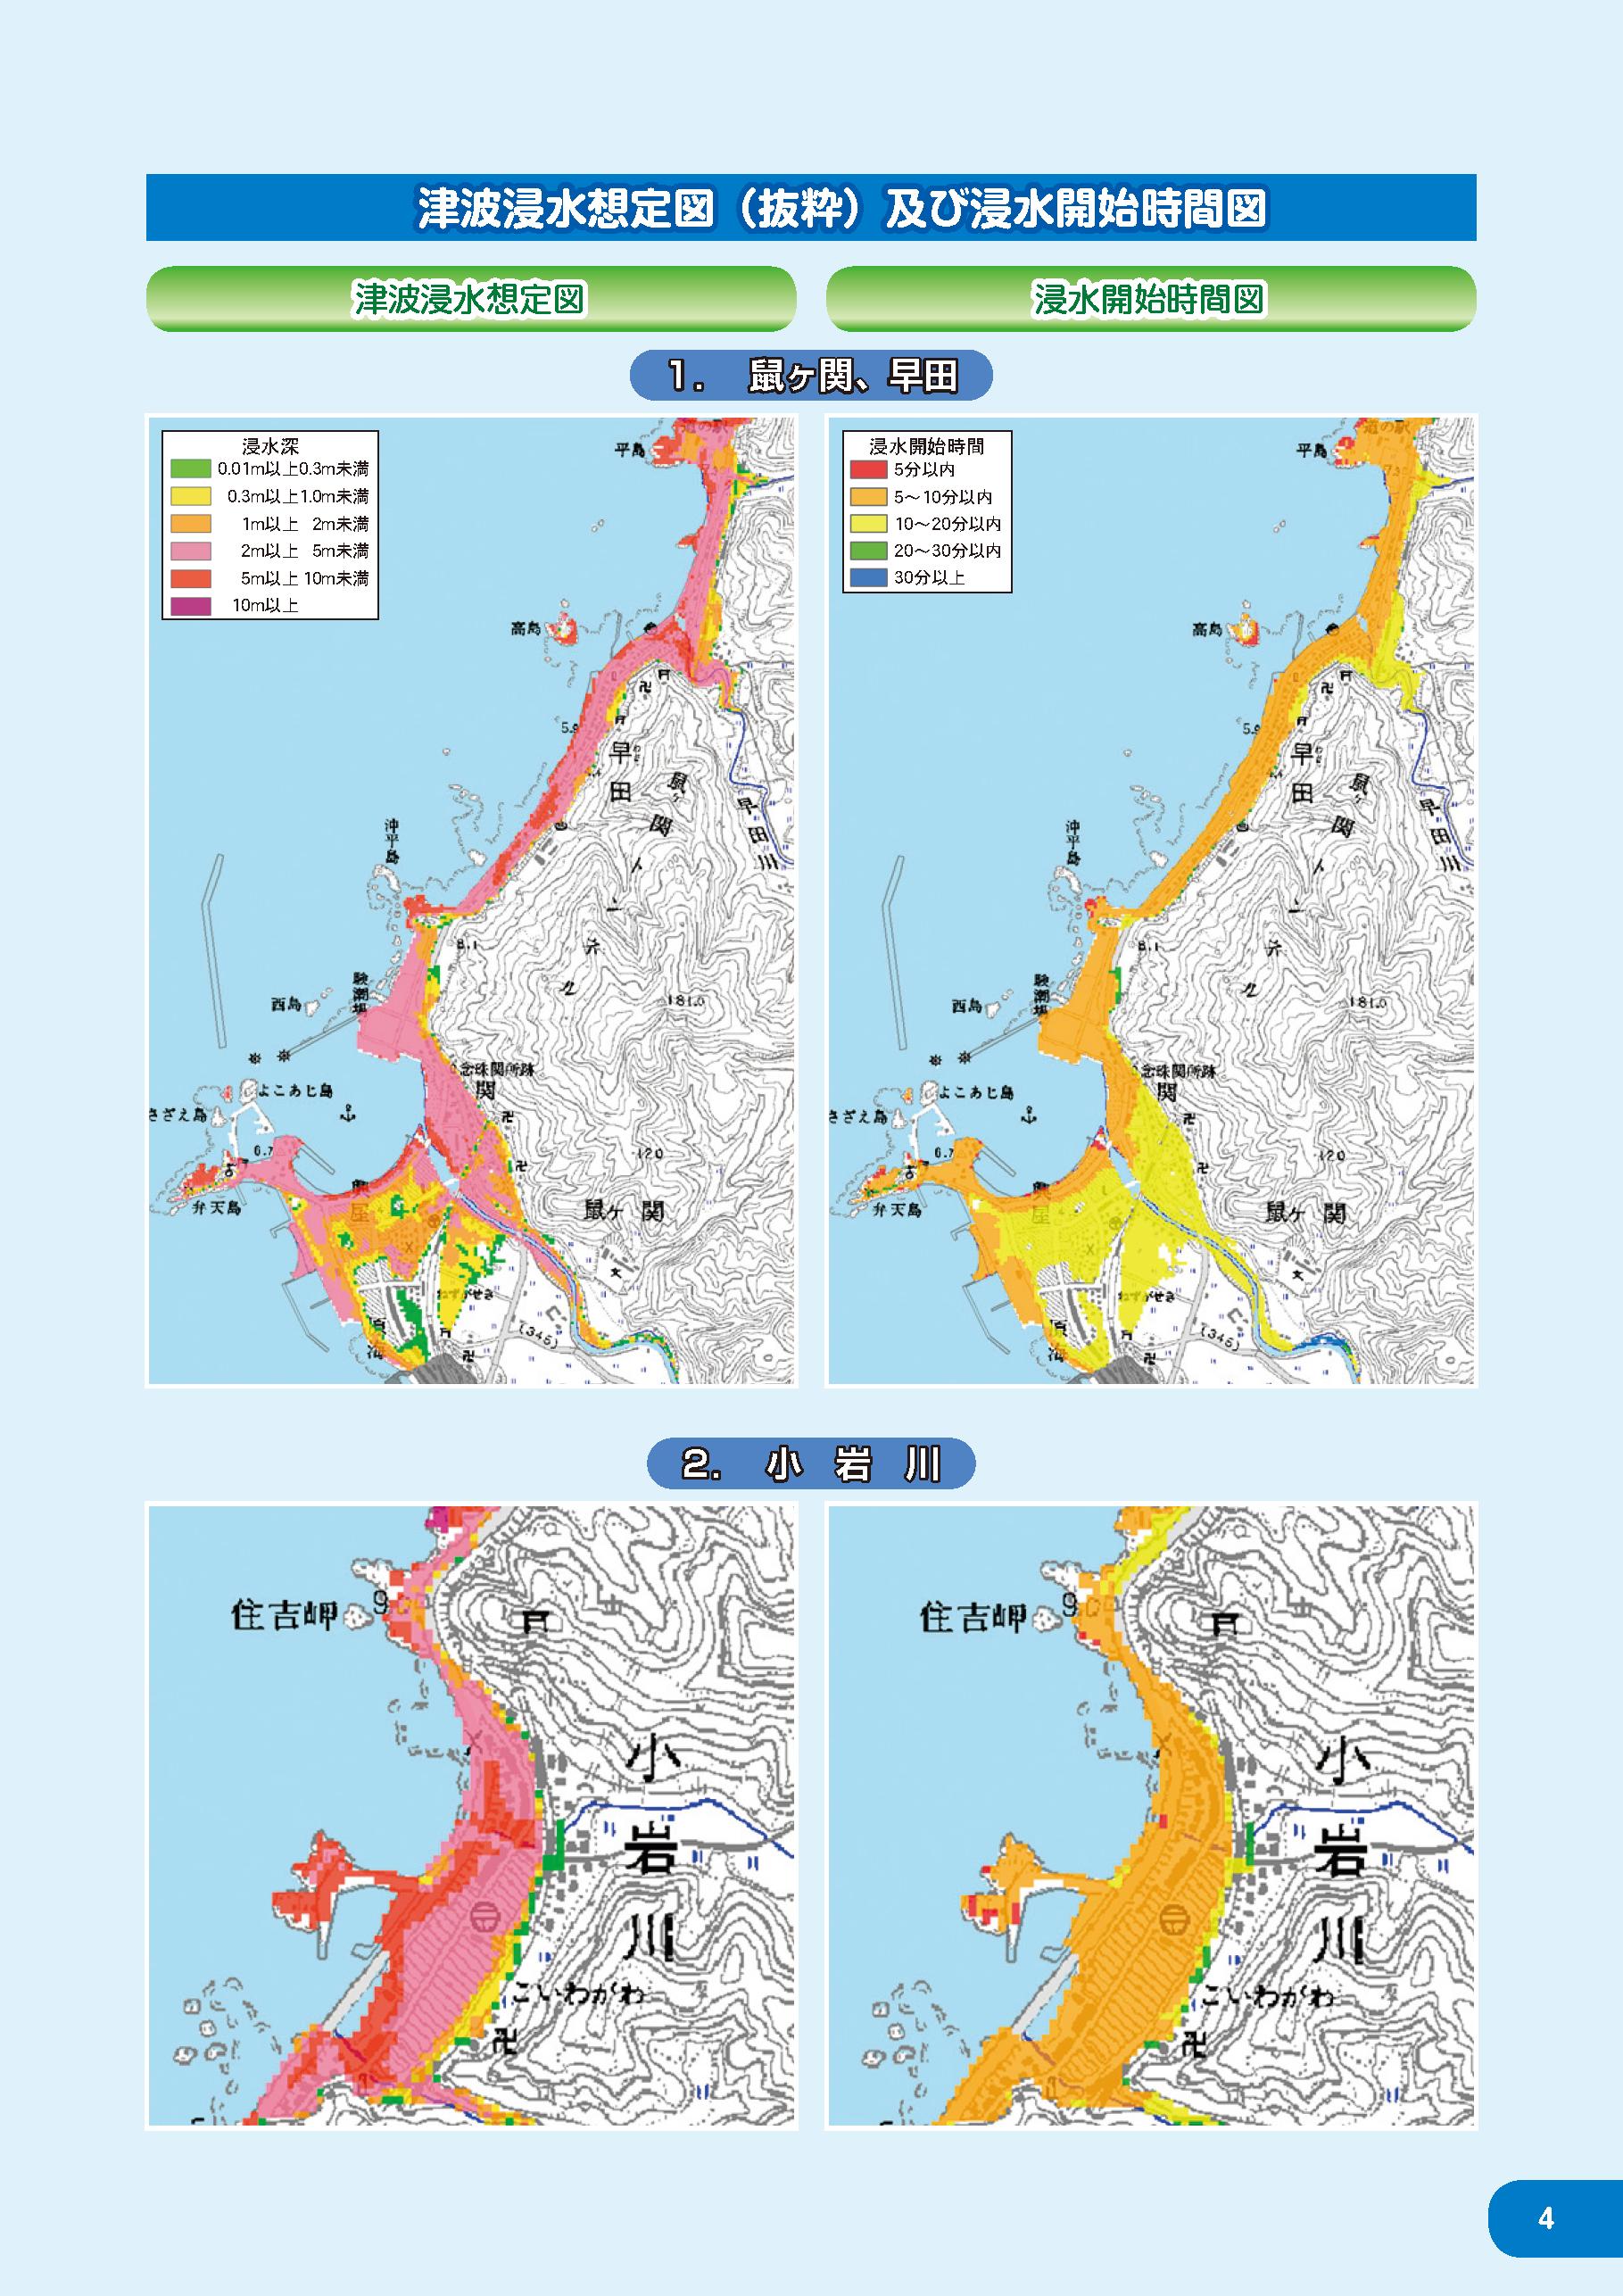 f鼠ヶ関・早田・小岩川の浸水想定と浸水開始時間